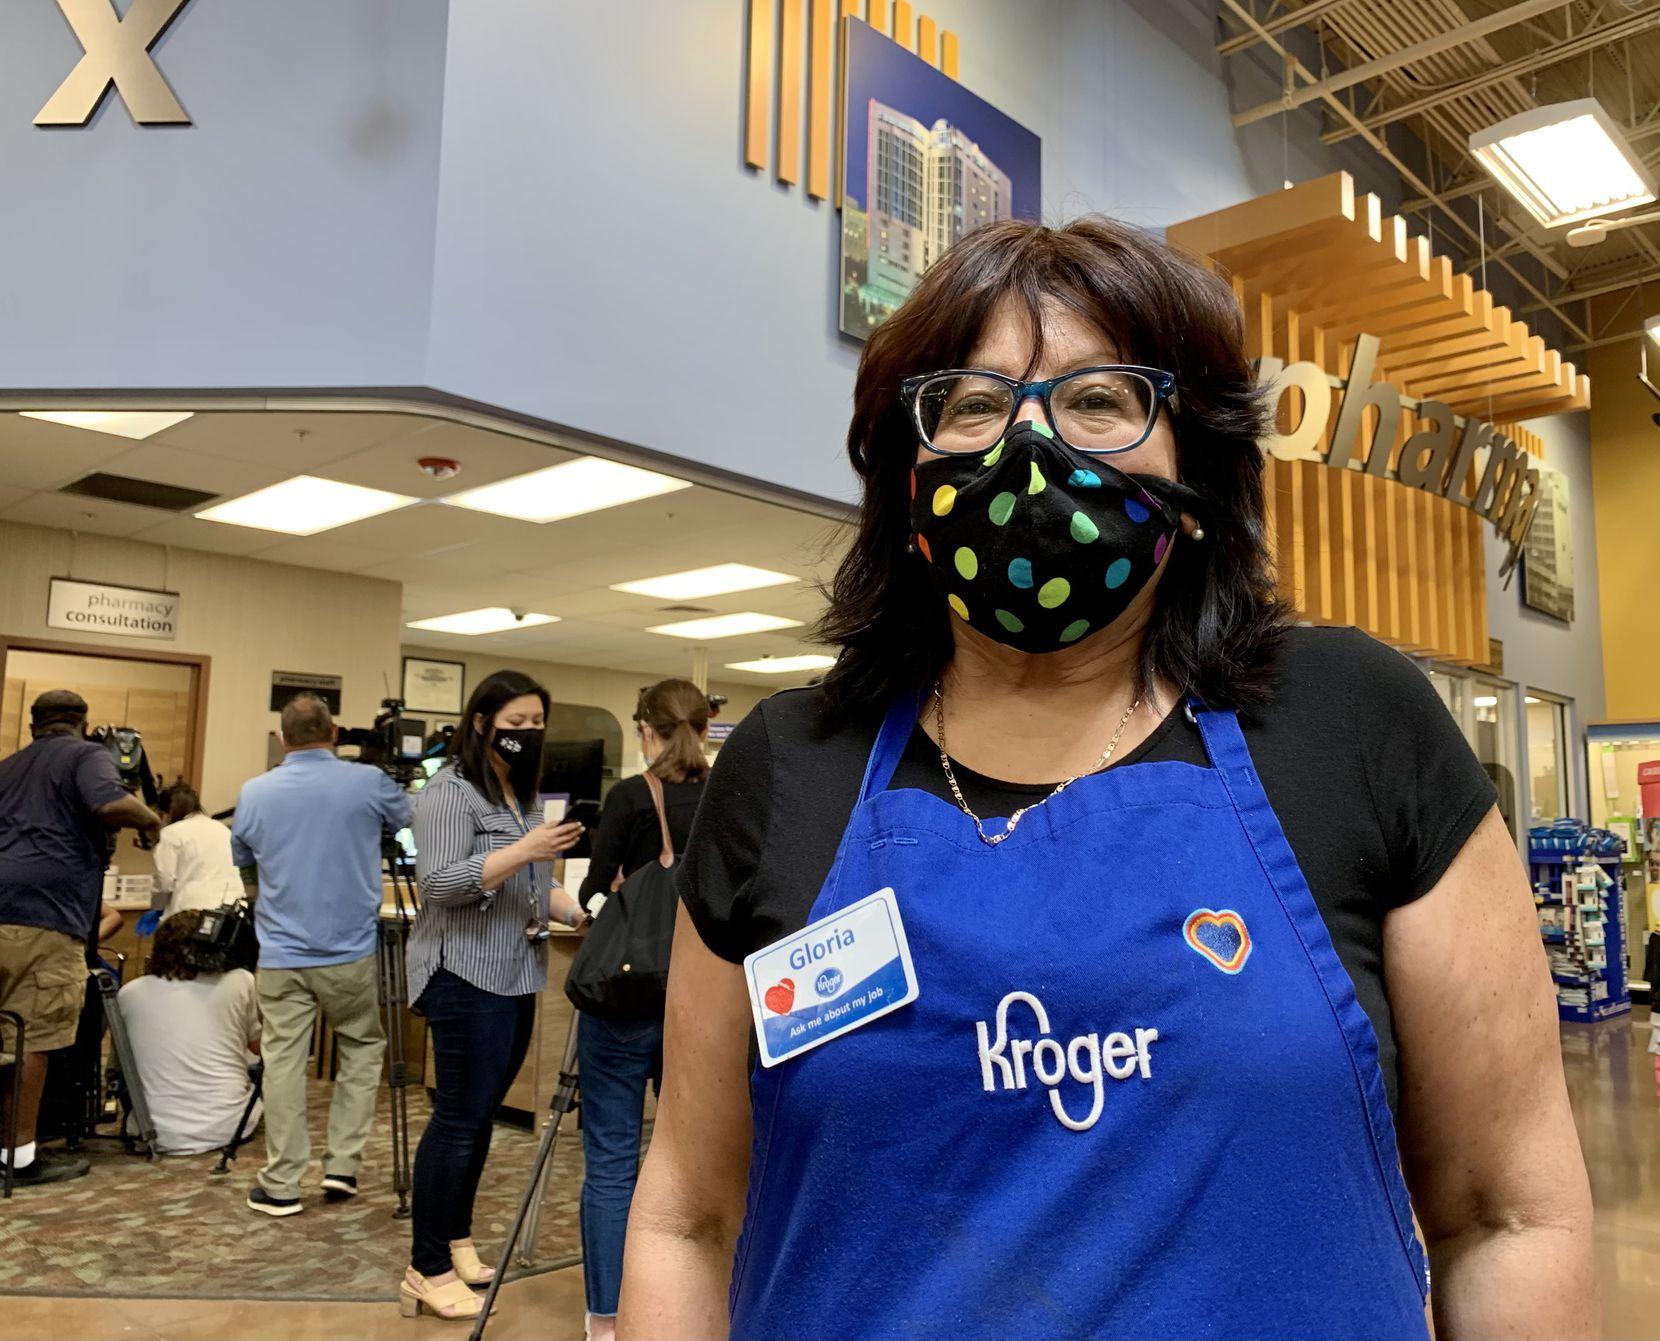 Gloria Gómez, 50, fue una de las primeras trabajadoras de Kroger en recibir la vacuna en la farmacia de la tienda donde trabaja, como parte de un convenio para que los trabajadores esenciales de supermercados sean vacunados contra covid-19 en sus lugares de trabajo, en Dallas.